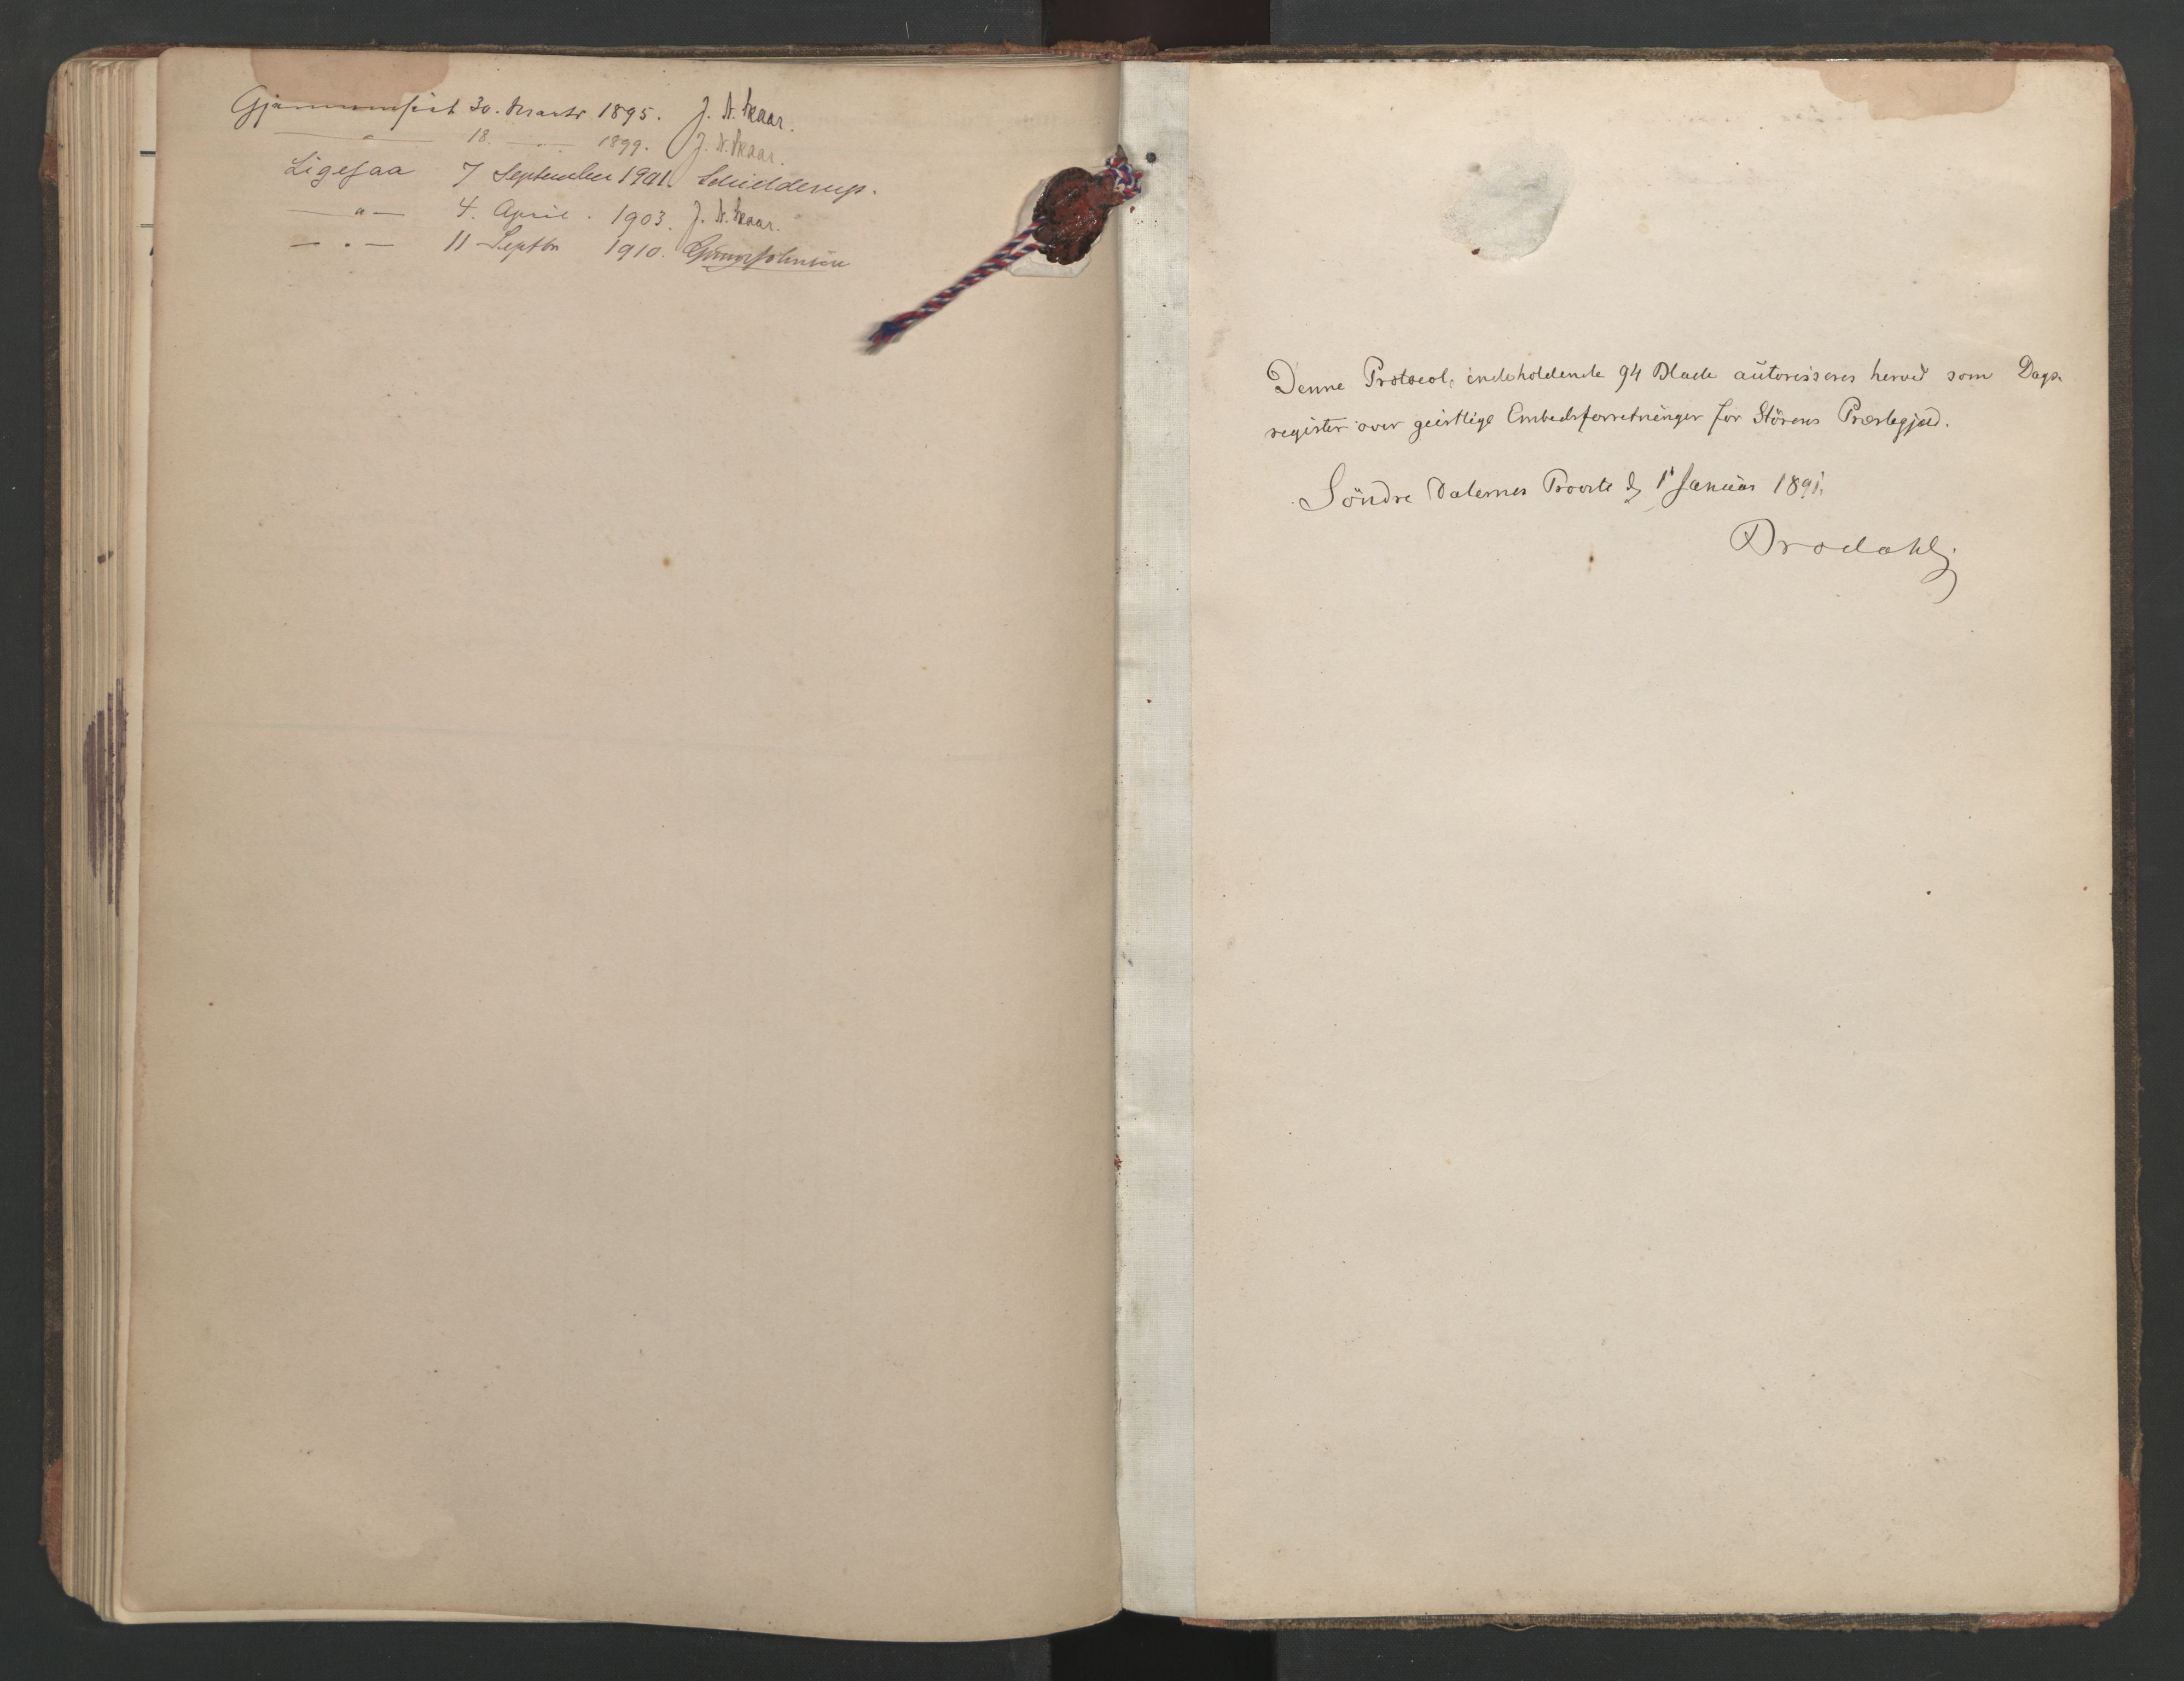 SAT, Ministerialprotokoller, klokkerbøker og fødselsregistre - Sør-Trøndelag, 687/L1005: Diary records no. 687A11, 1891-1912